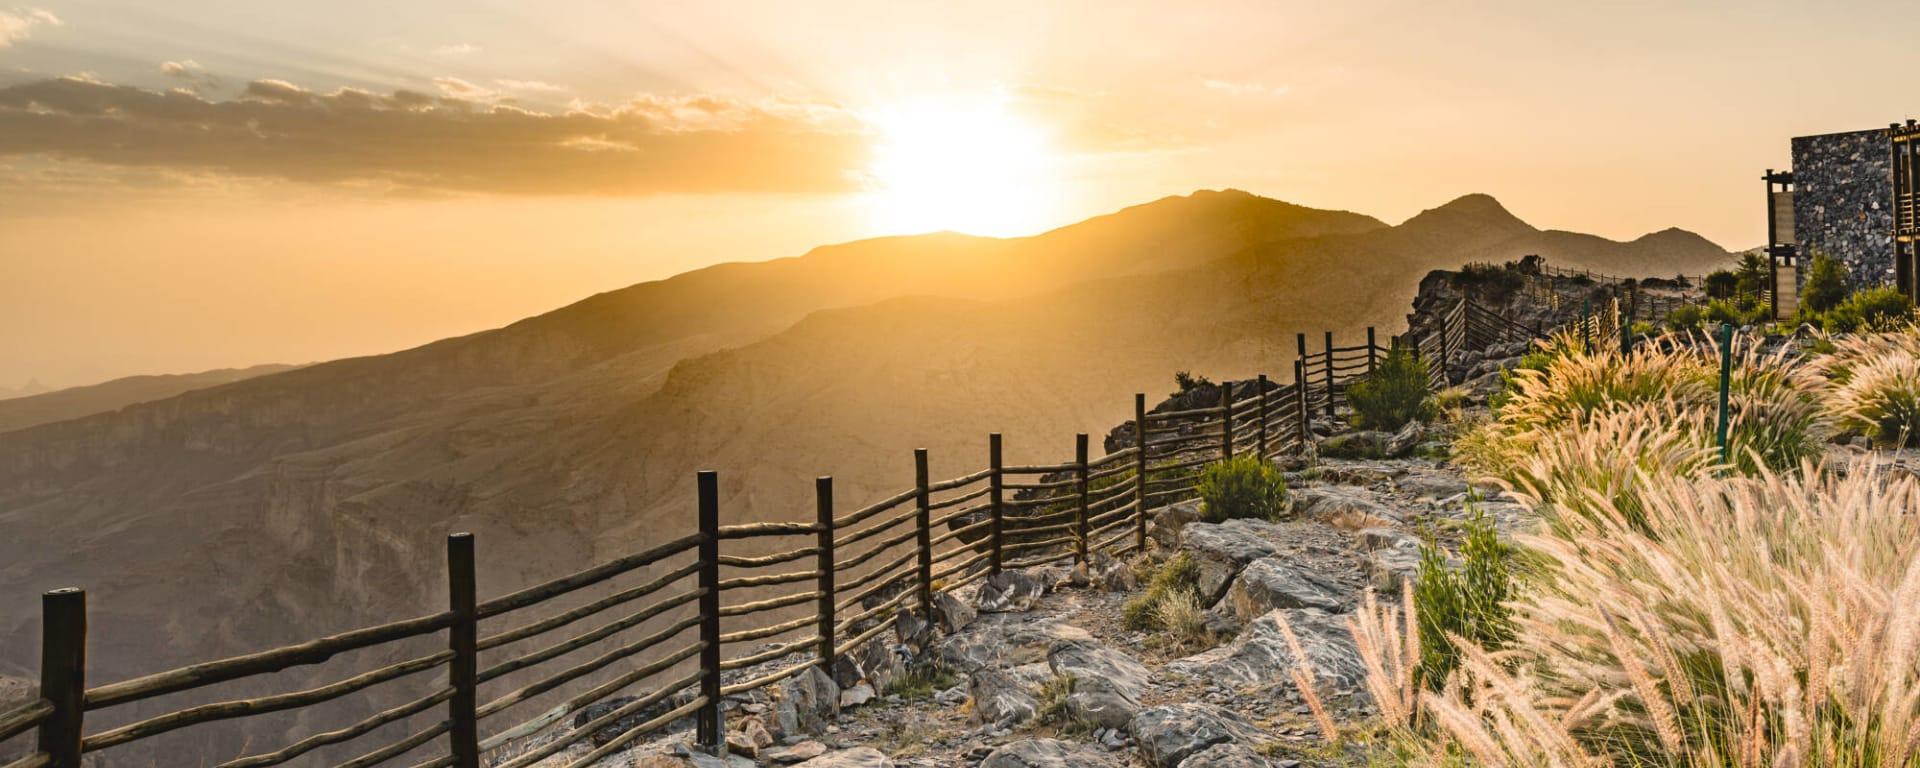 Oman entdecken mit Tischler Reisen: Oman Hajjar-Gebirge